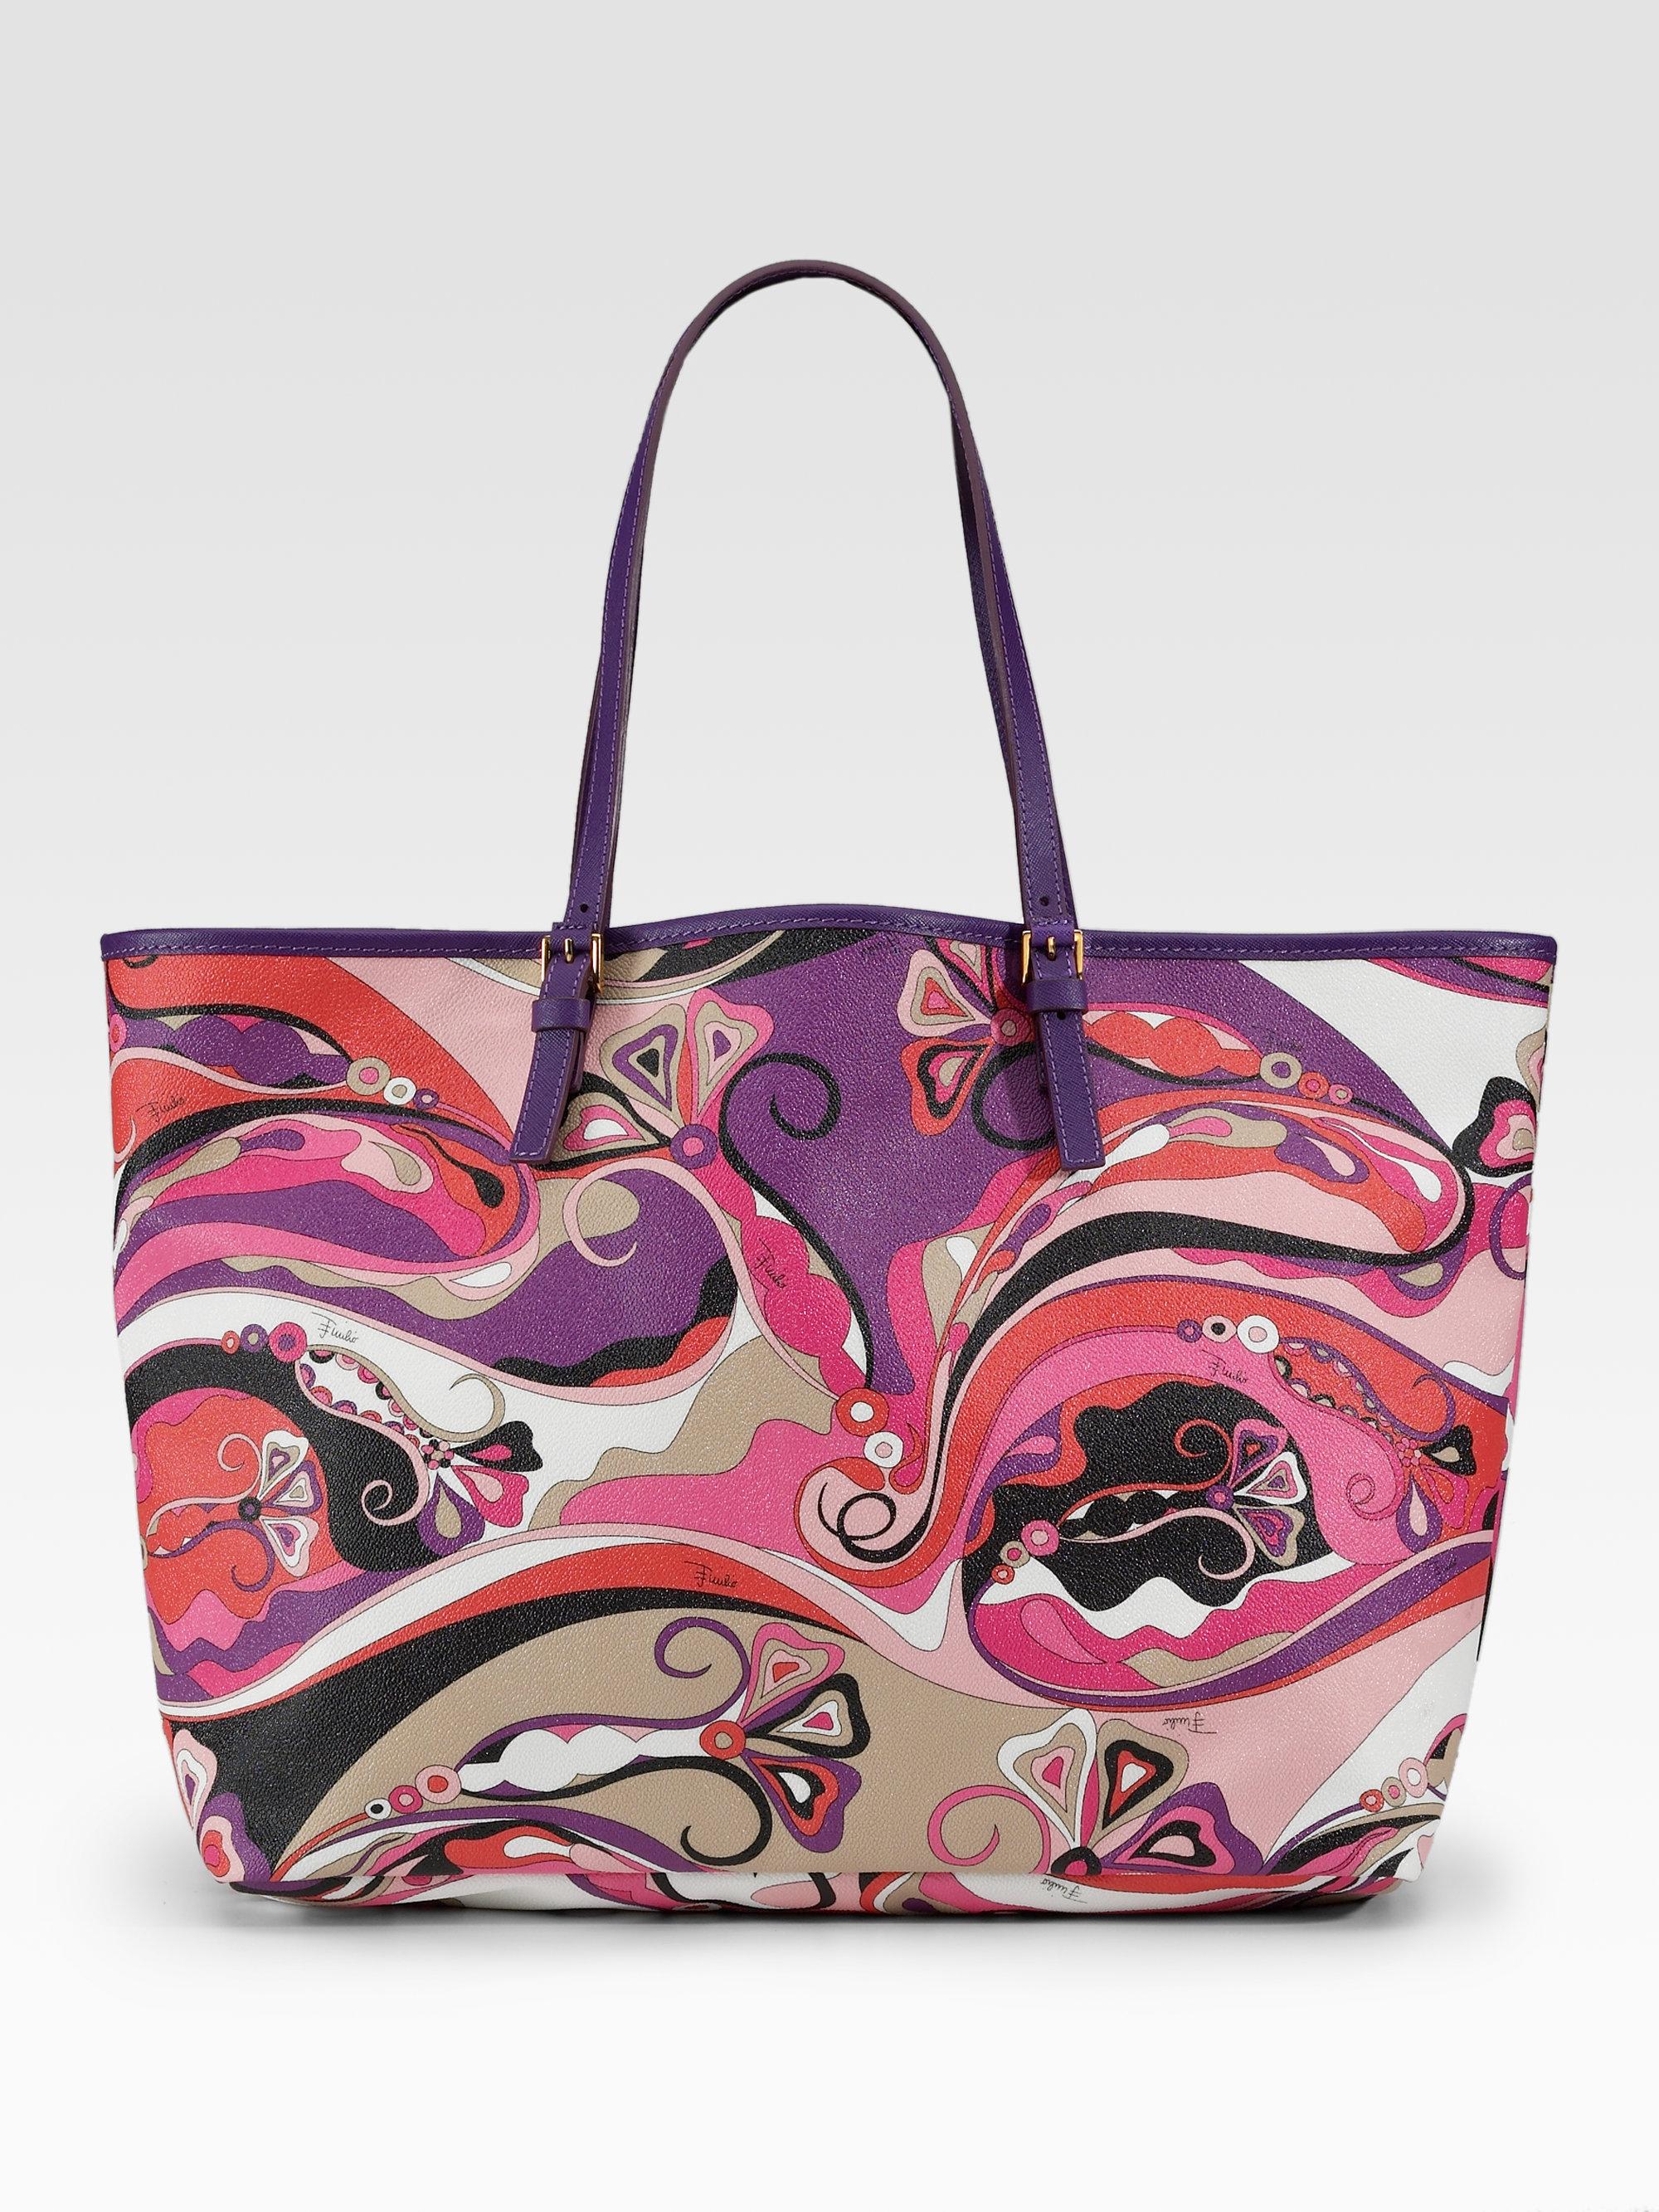 Corallo Printed Tote Bag Emilio Pucci poIWqRY